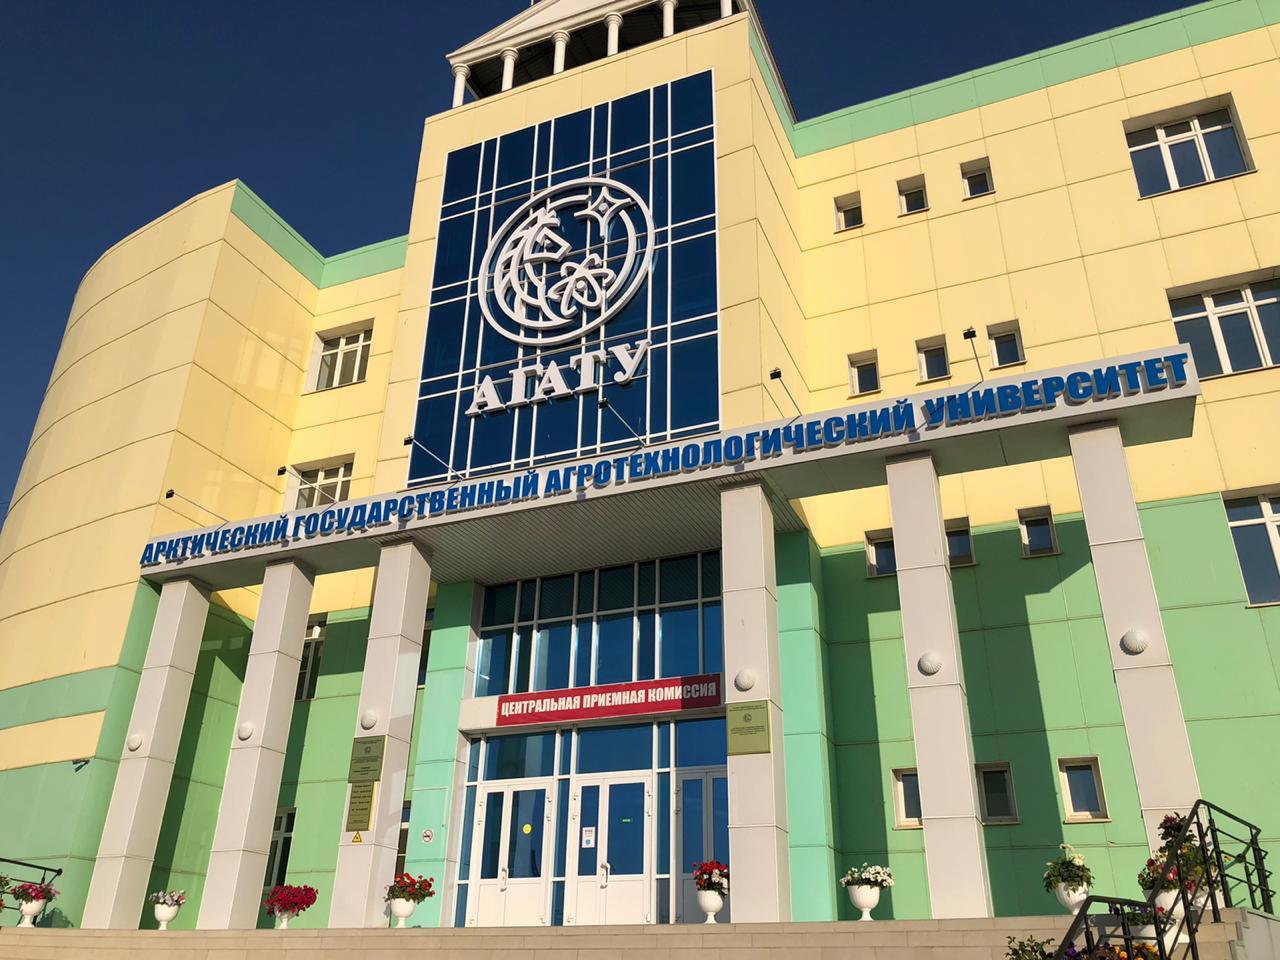 Арктический ГАТУ в числе 25 лучших аграрных вузов России